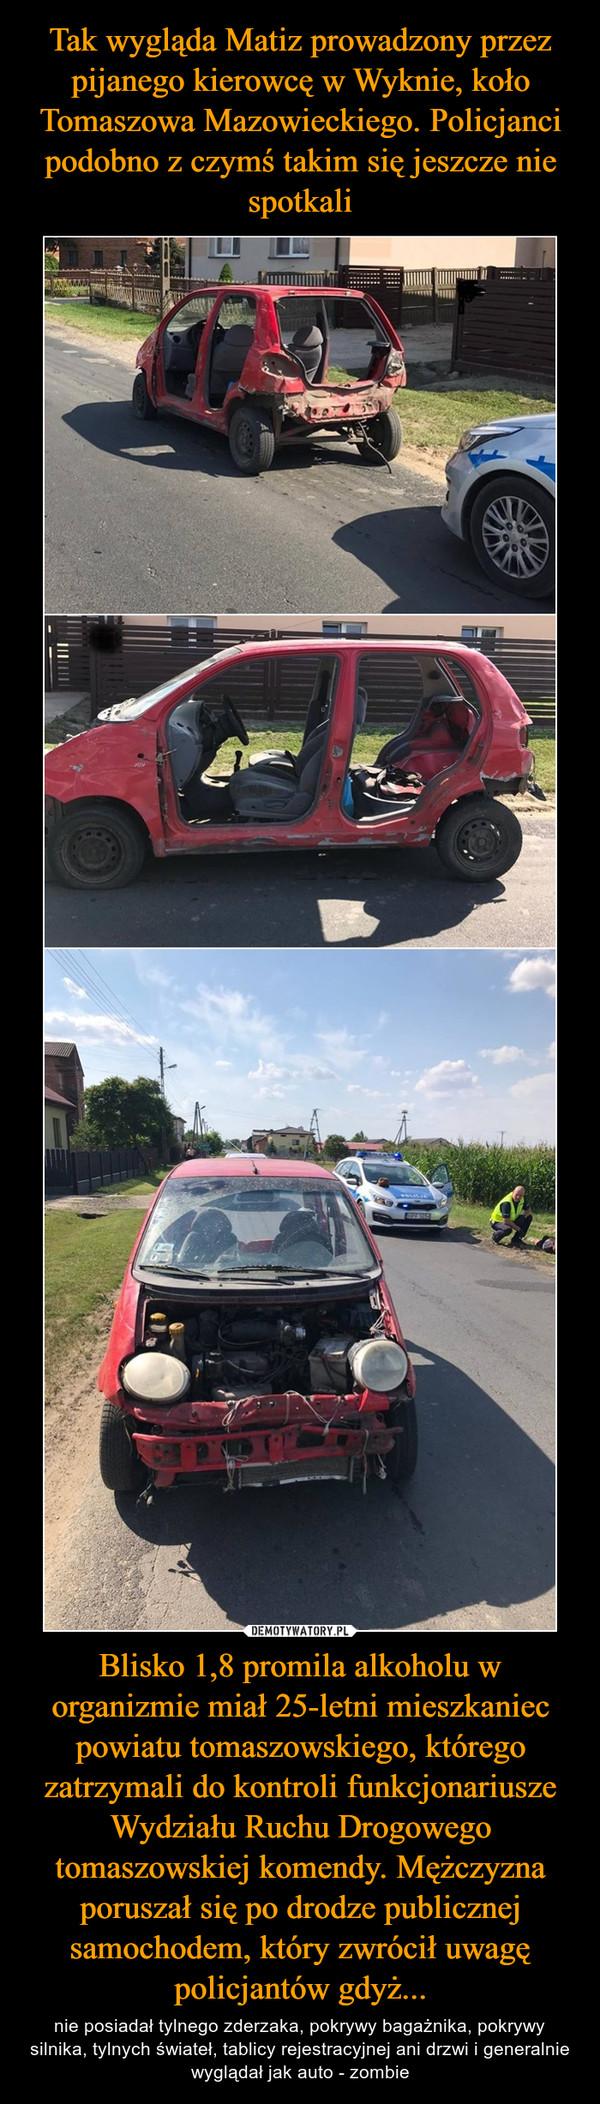 Blisko 1,8 promila alkoholu w organizmie miał 25-letni mieszkaniec powiatu tomaszowskiego, którego zatrzymali do kontroli funkcjonariusze Wydziału Ruchu Drogowego tomaszowskiej komendy. Mężczyzna poruszał się po drodze publicznej samochodem, który zwrócił uwagę policjantów gdyż... – nie posiadał tylnego zderzaka, pokrywy bagażnika, pokrywy silnika, tylnych świateł, tablicy rejestracyjnej ani drzwi i generalnie wyglądał jak auto - zombie